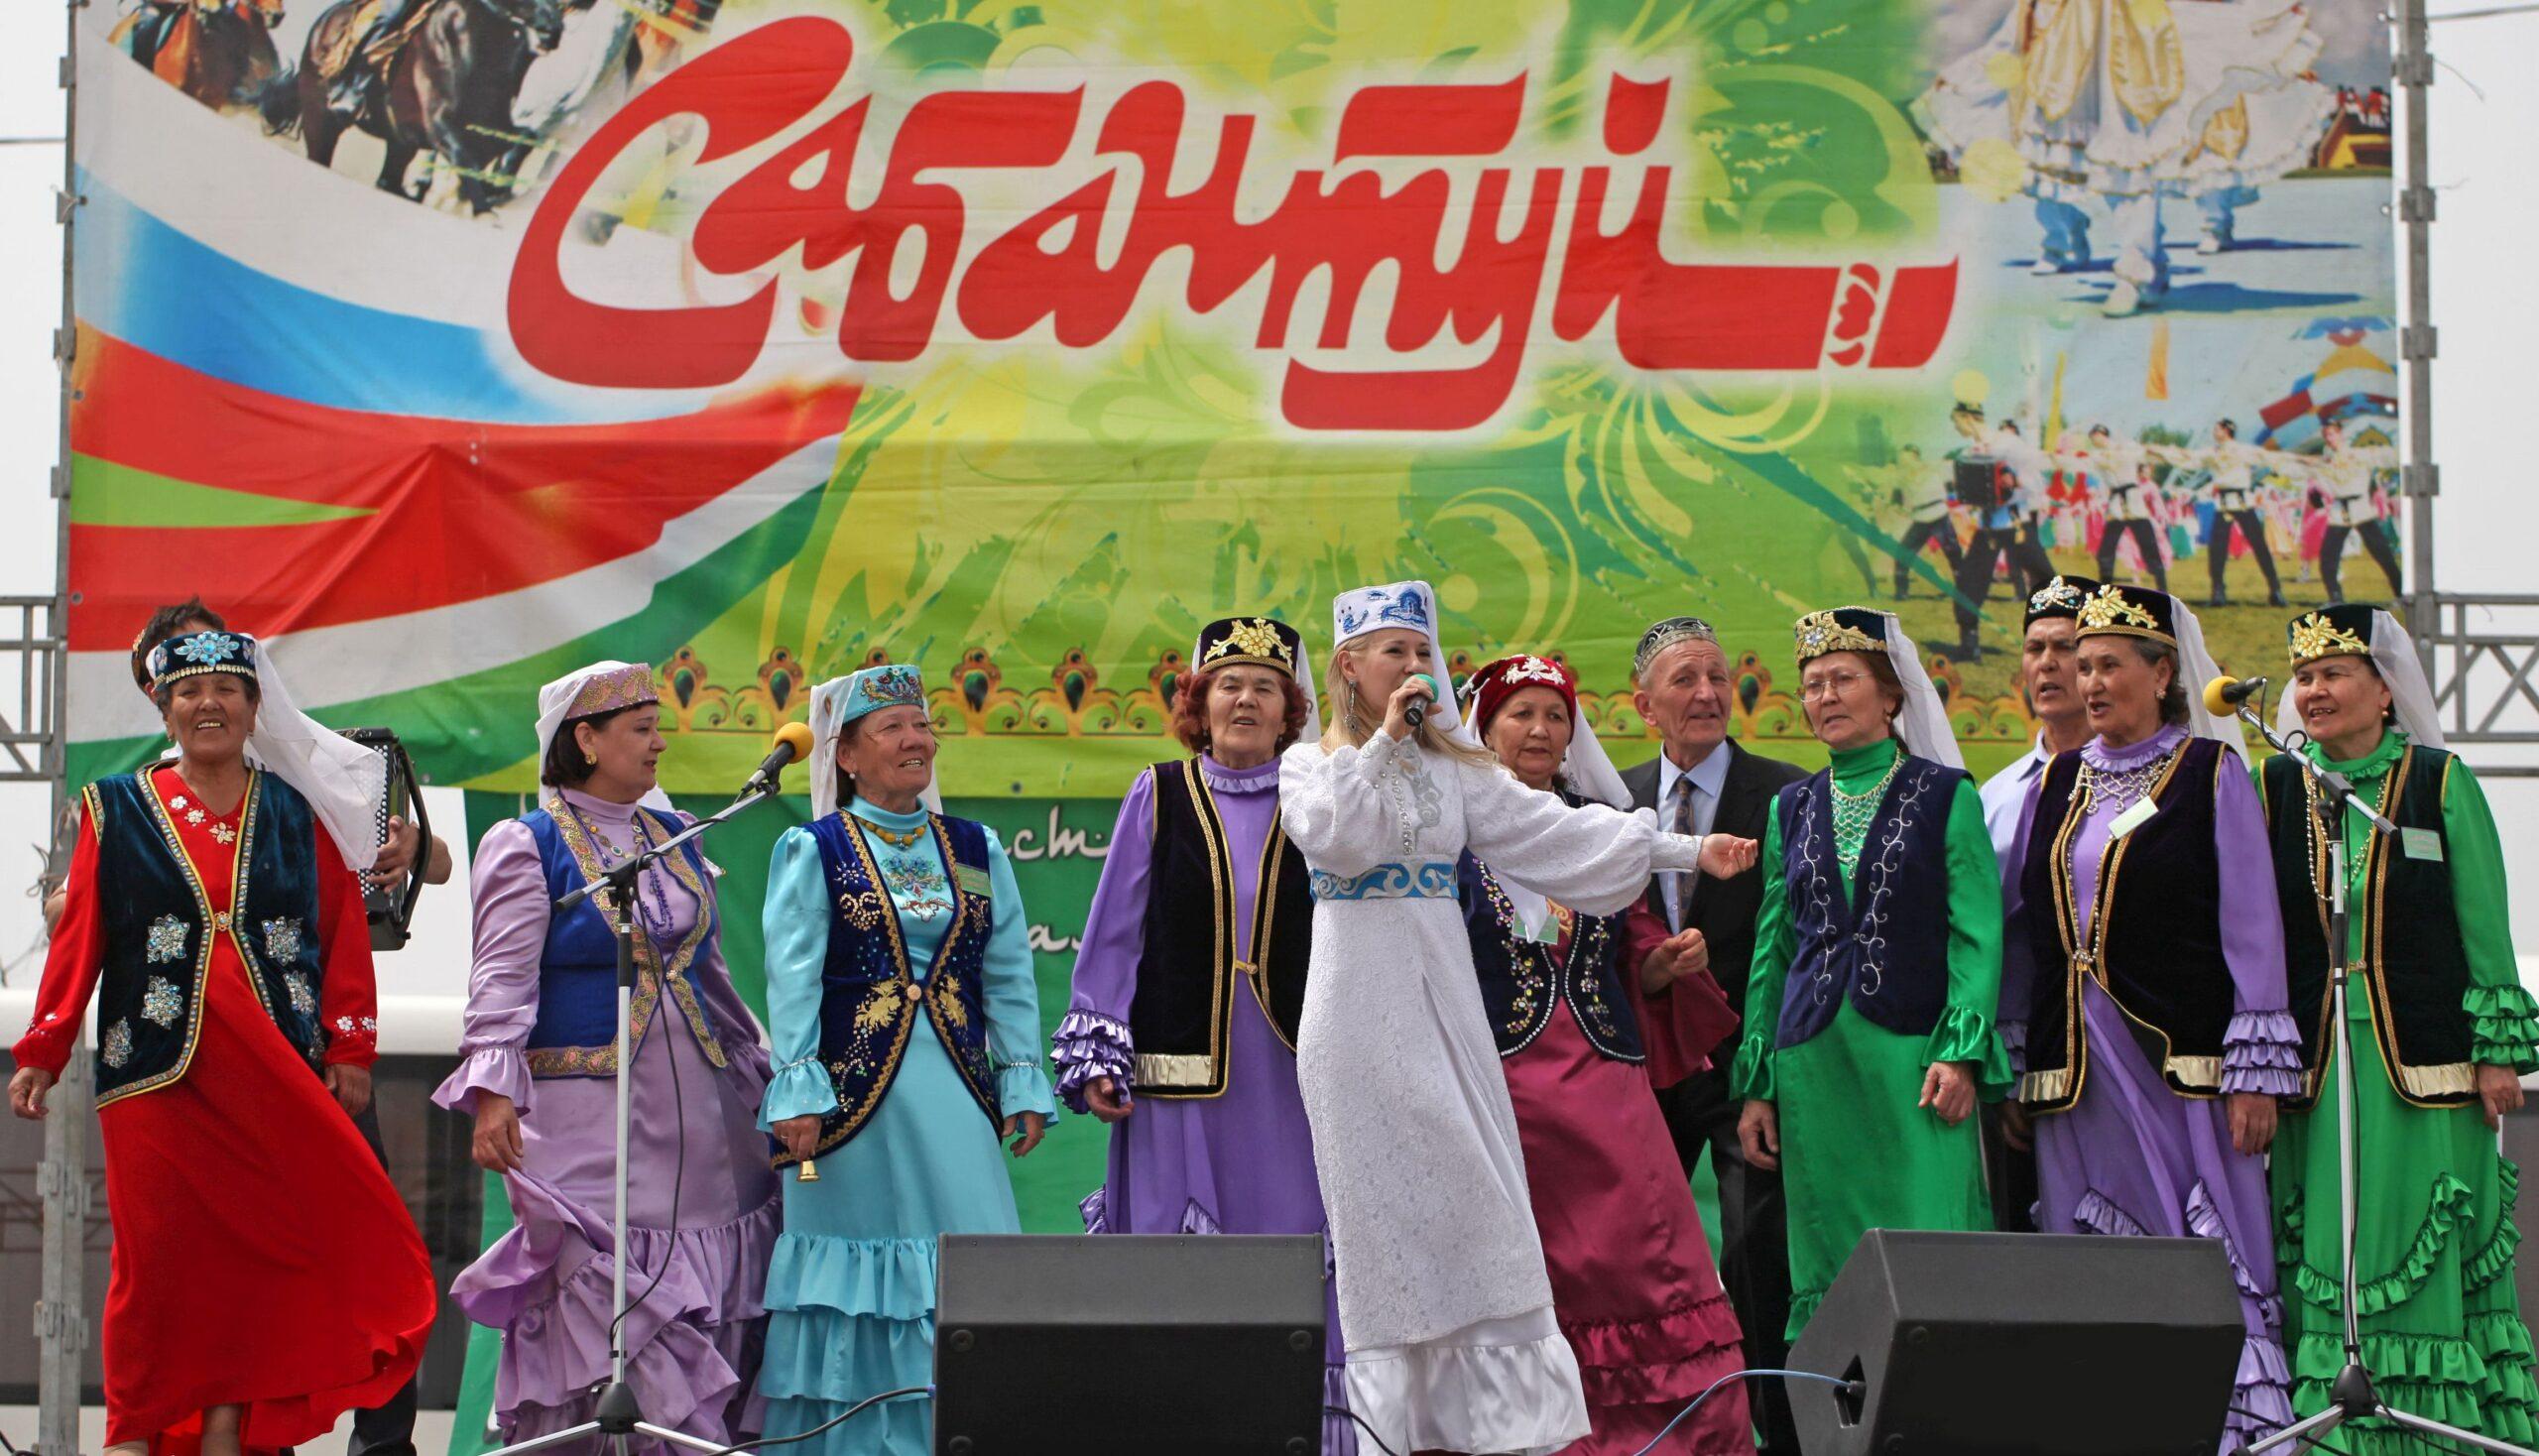 В Доме дружбы состоится праздник «Сабантуй»